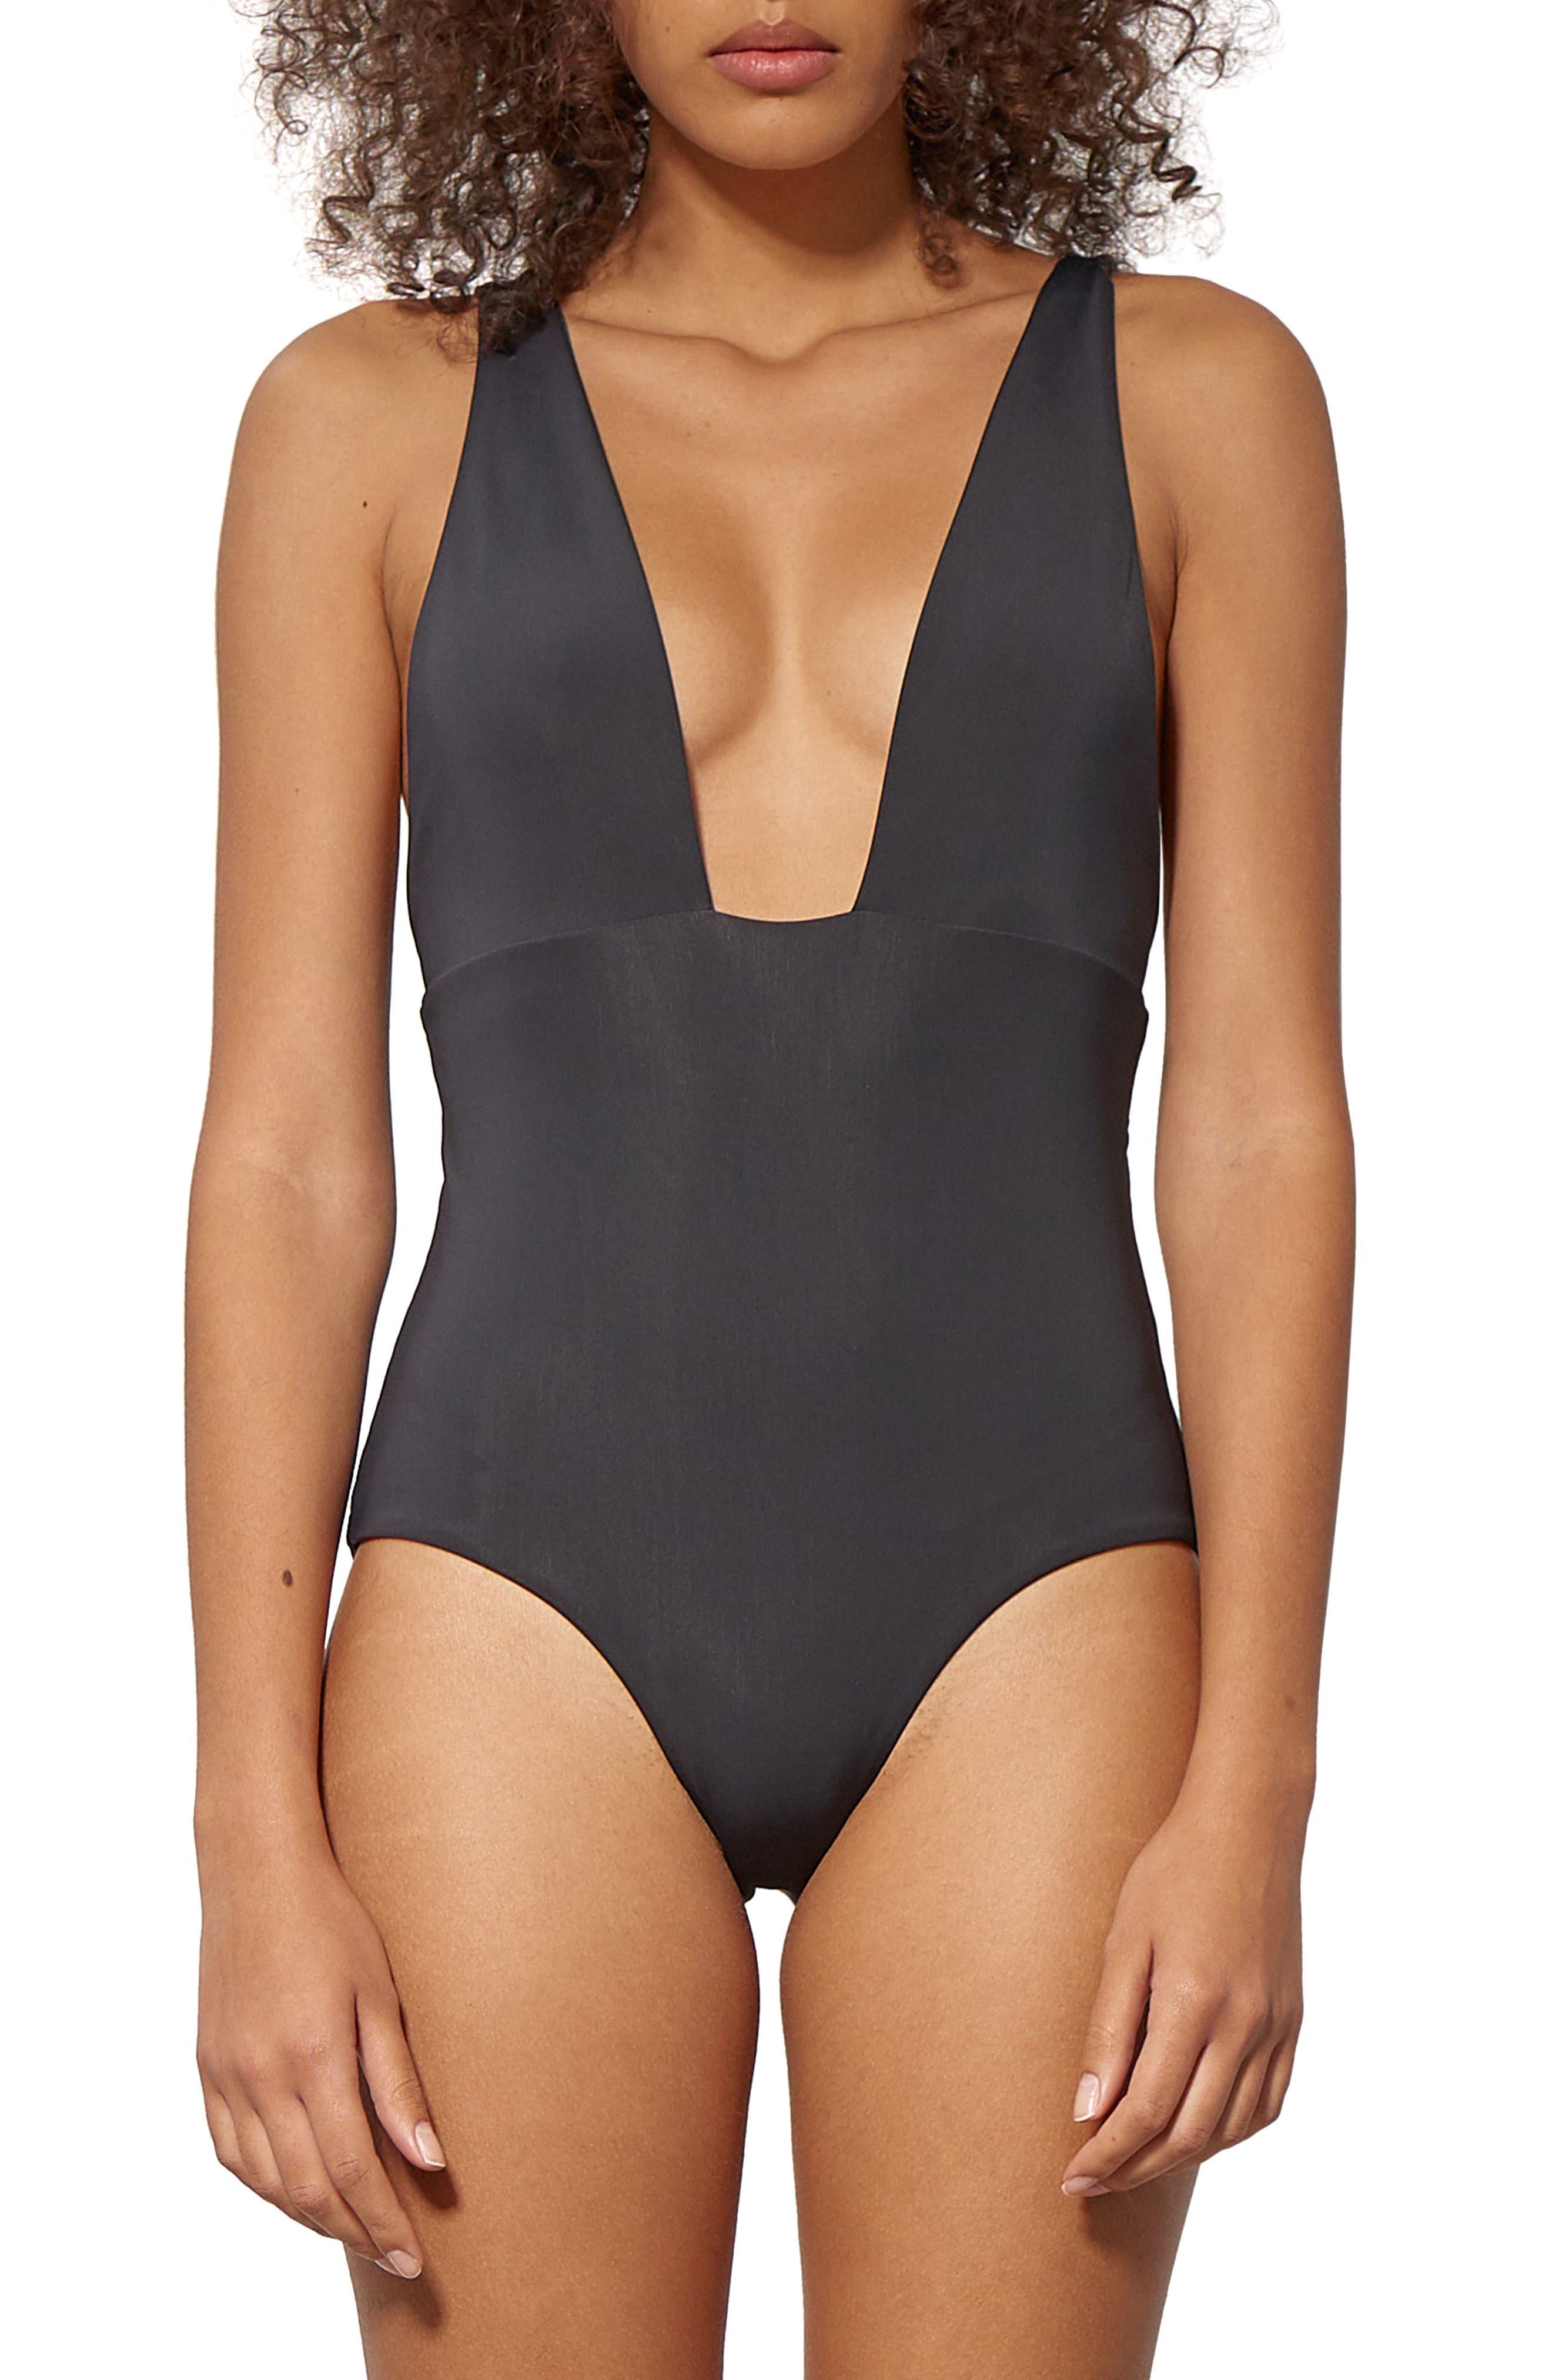 Audrey One-Piece Swimsuit,                             Main thumbnail 1, color,                             Black